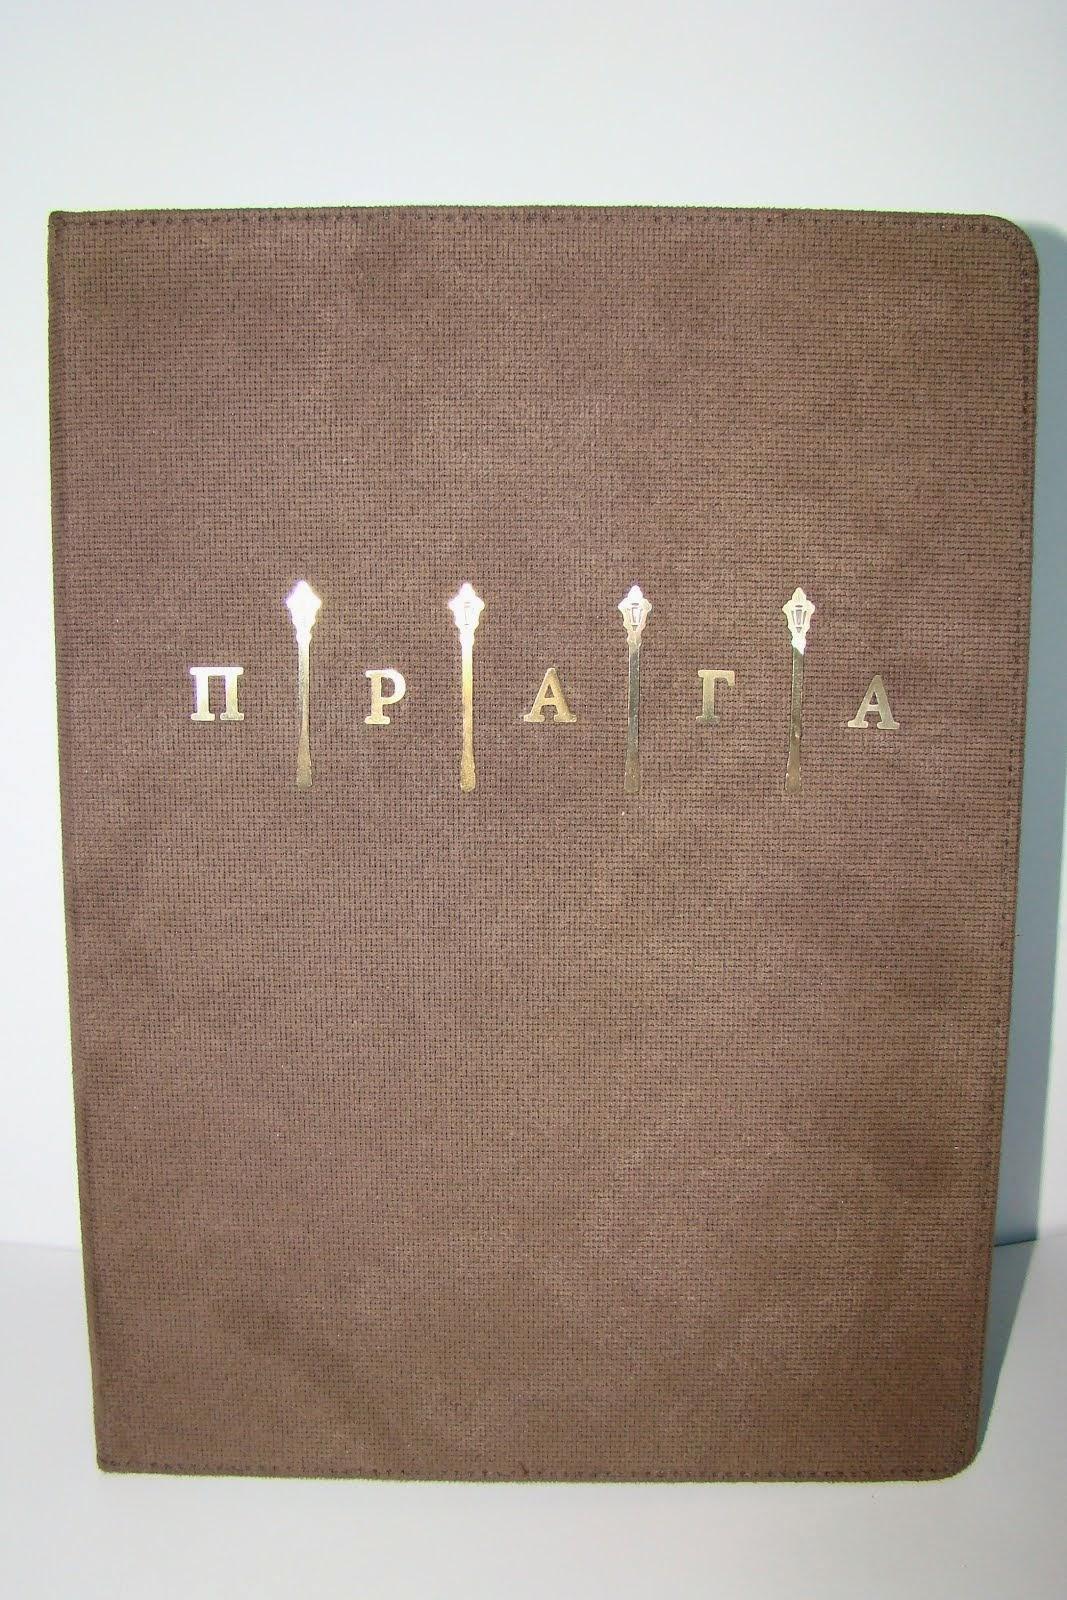 ПРАГА. Папка из ткани с металлическими шильдами